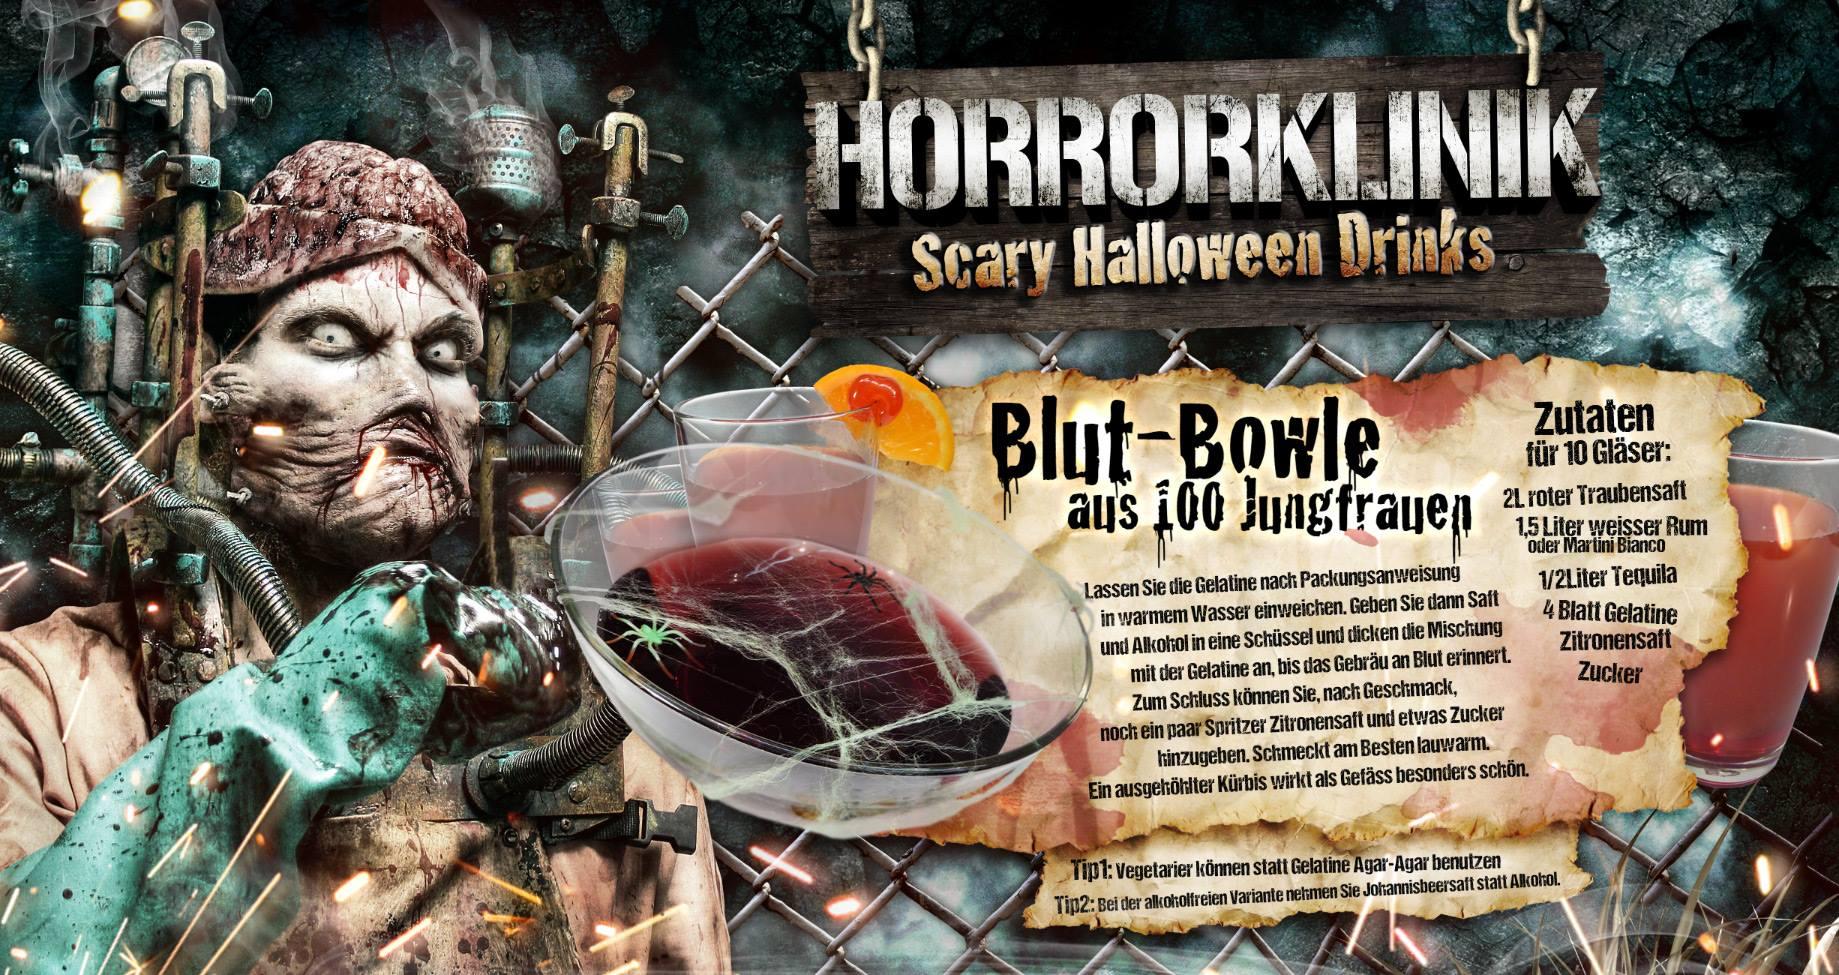 Blut-Bowle Cocktail-Rezept